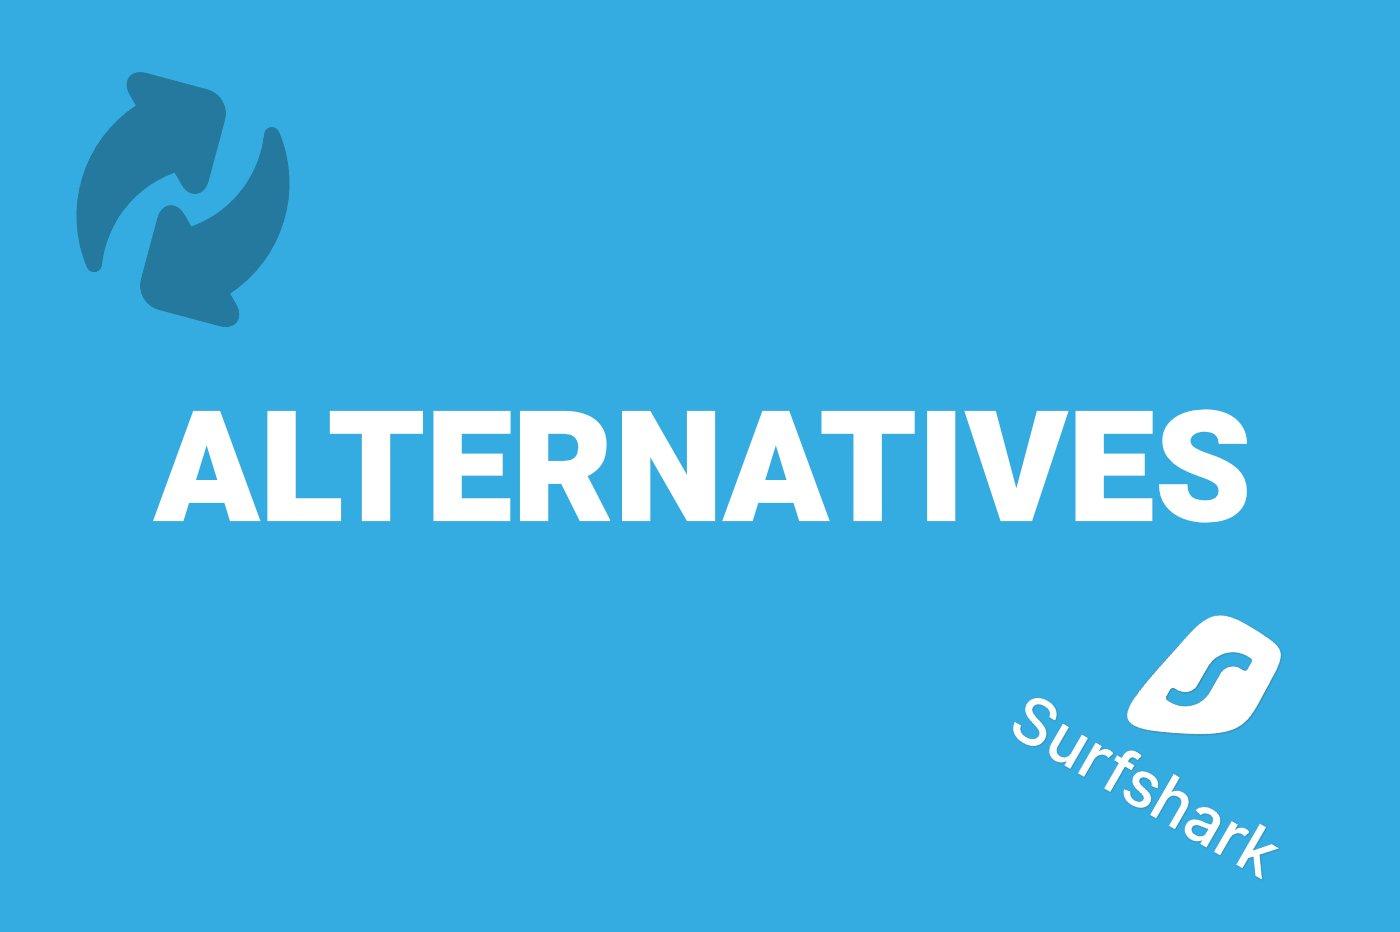 Alternatives Surfshark